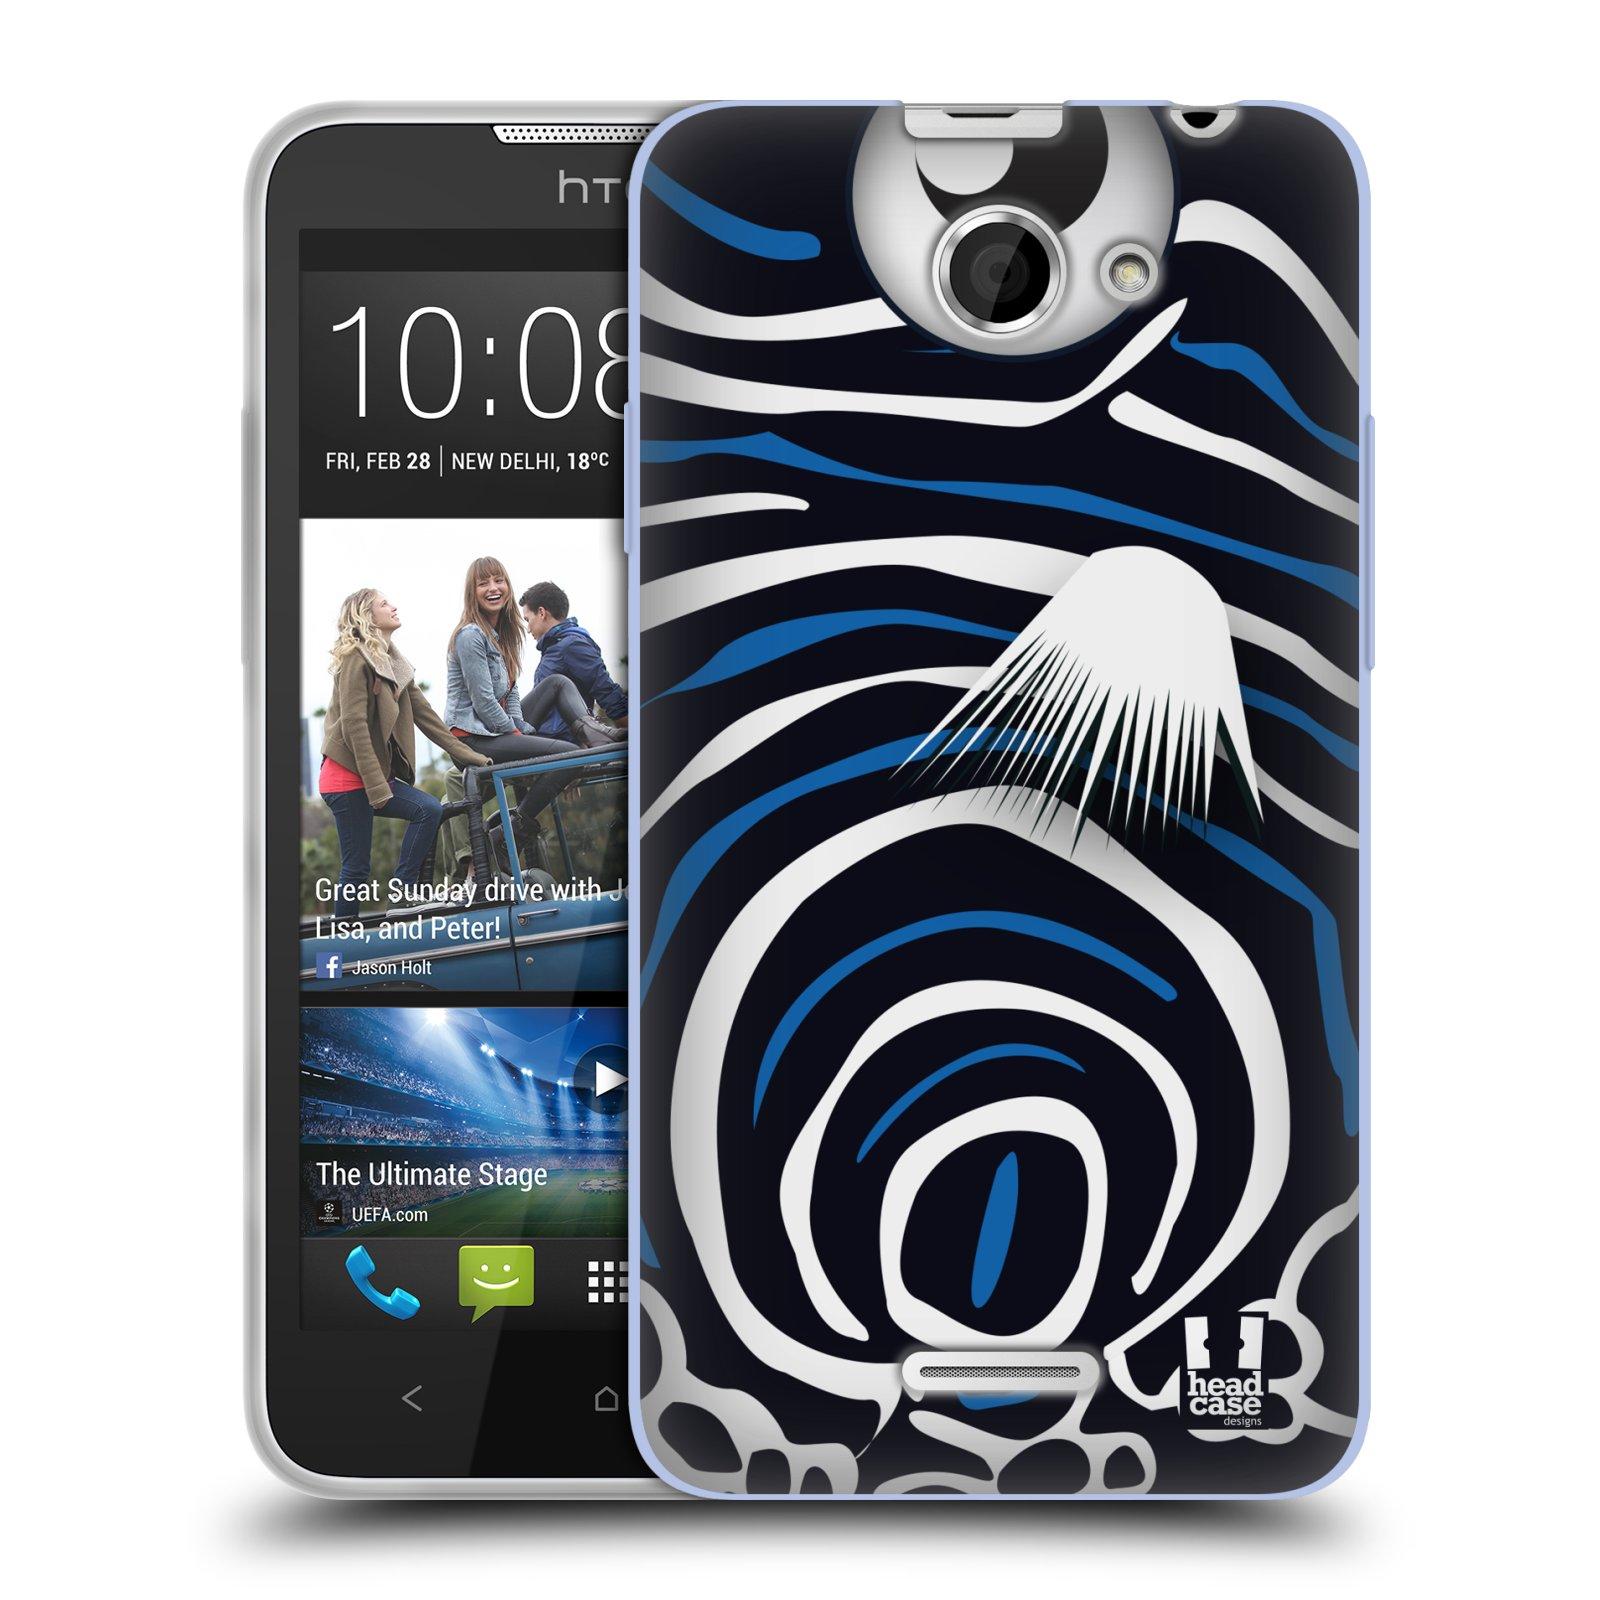 HEAD CASE silikonový obal na mobil HTC DESIRE 516 vzor Rybičky z profilu Angelfish